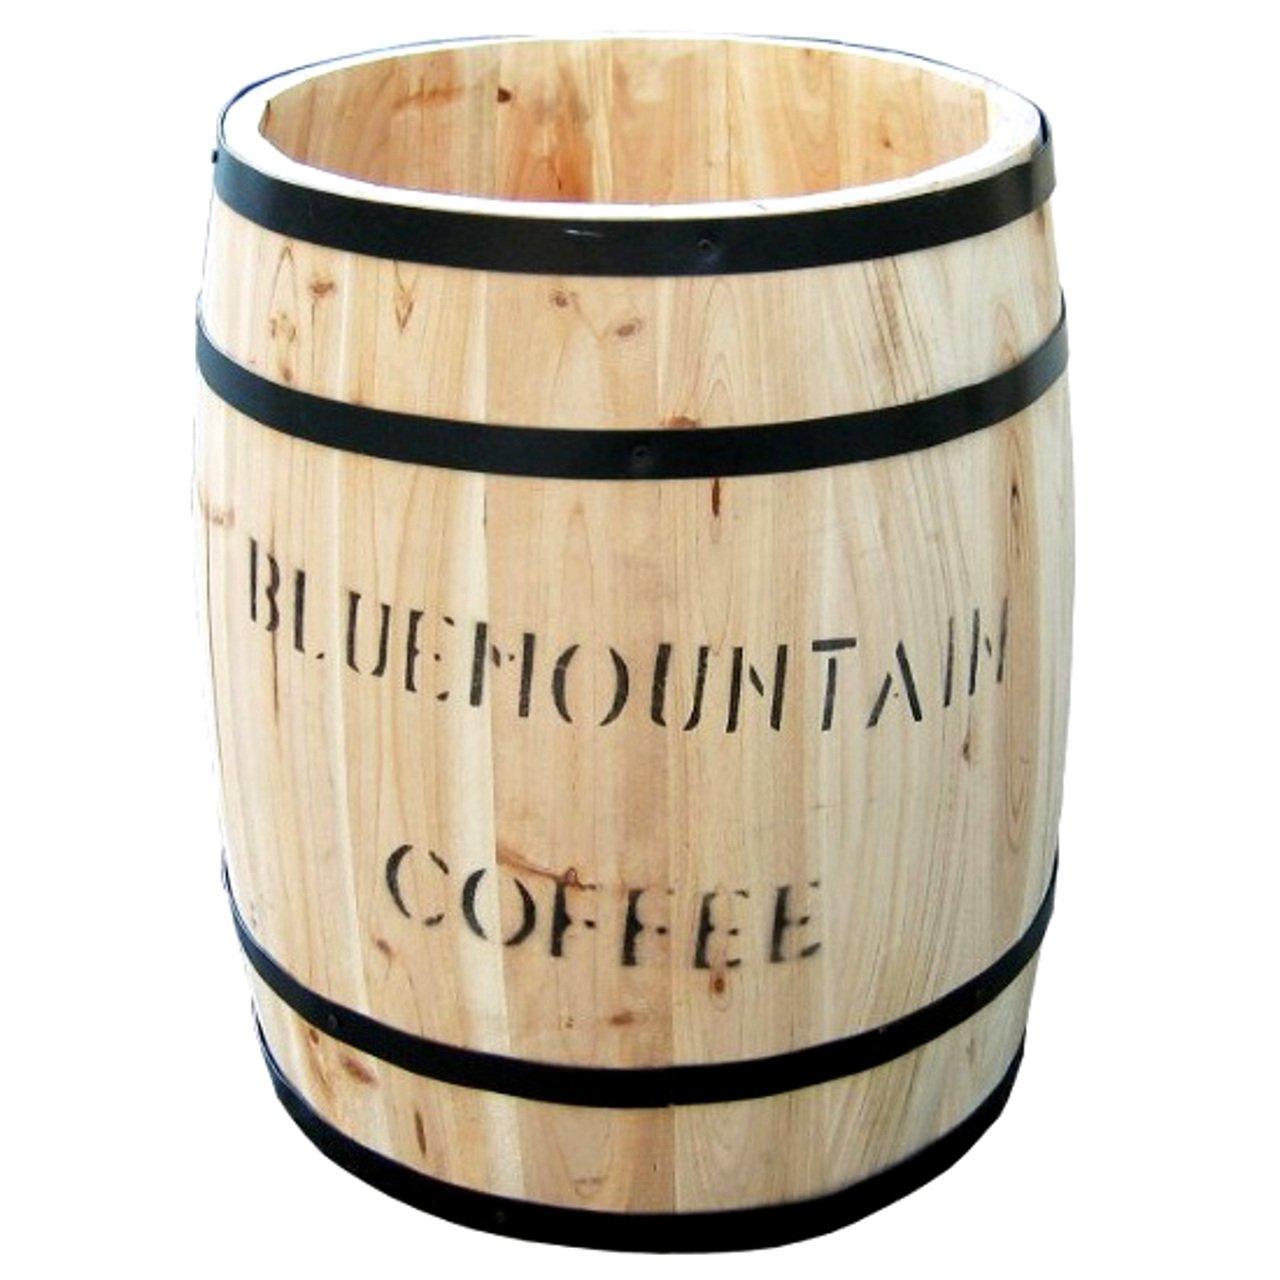 AHEART プランター 木製 コーヒー 樽 カバー スタンド 大型 小型 SI 372 大小2個組 B07D12C7Y2 大小2個組